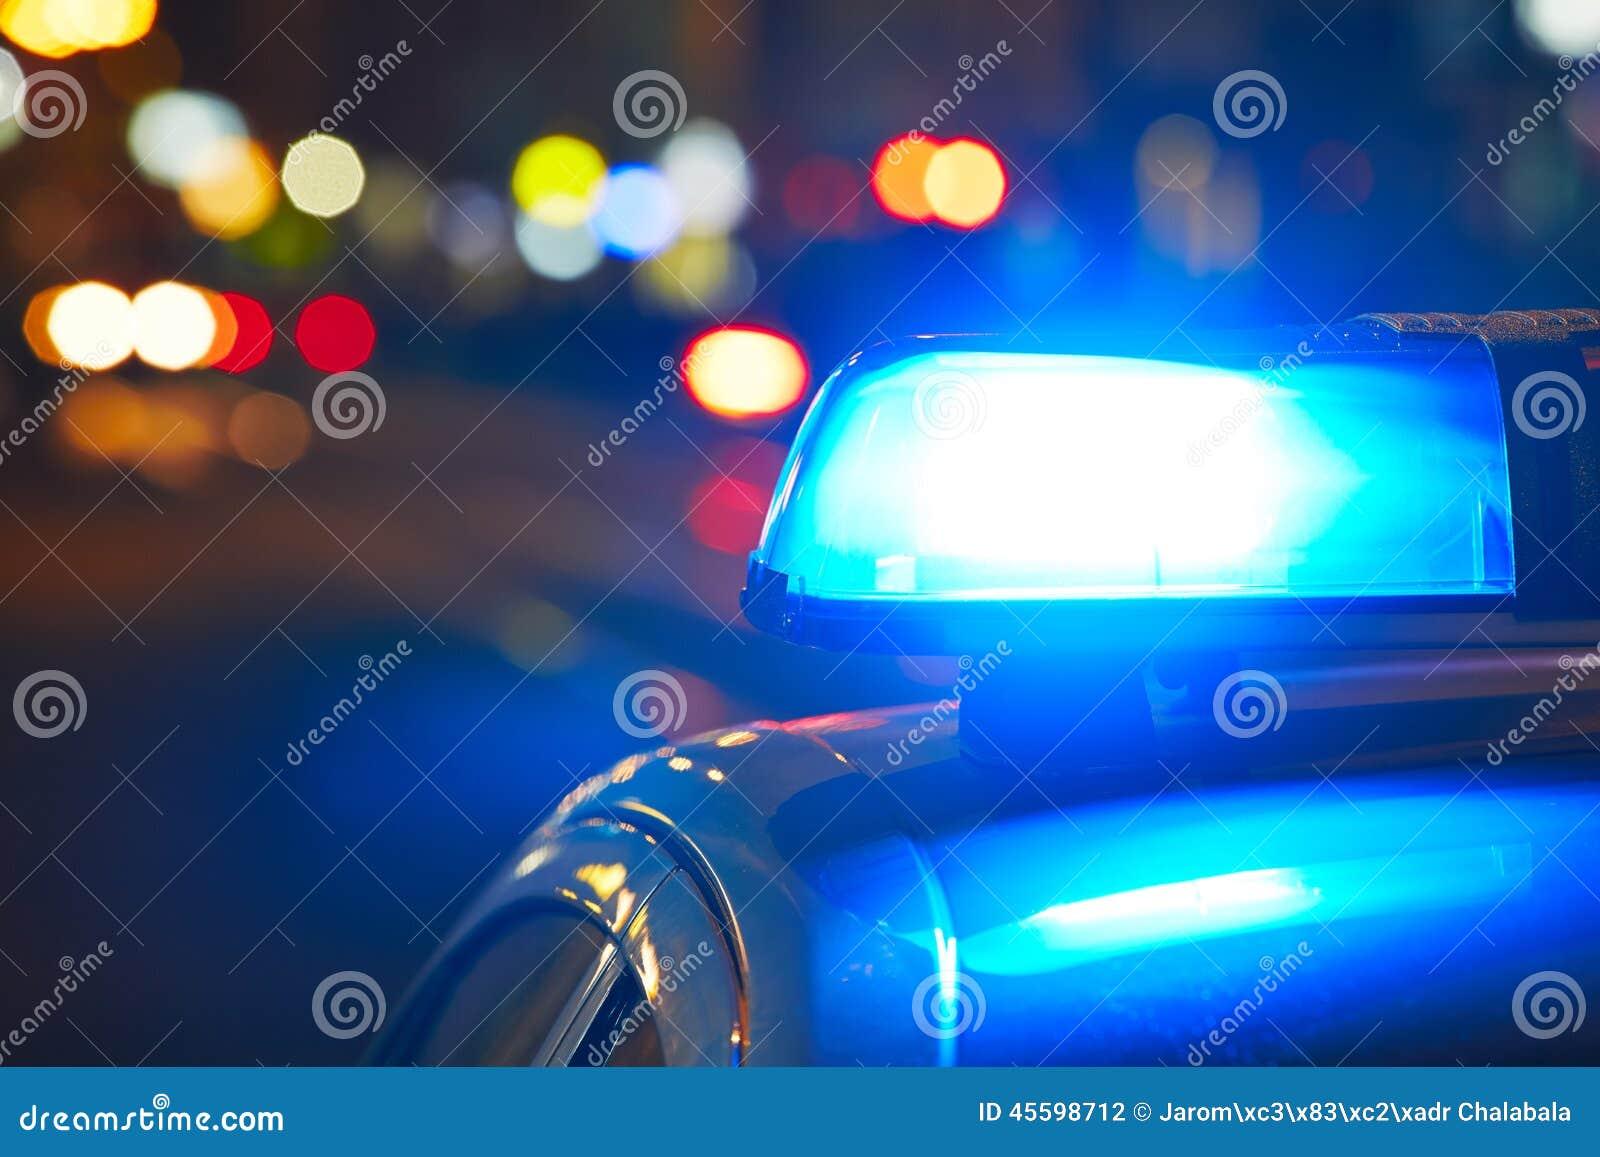 Скачать рингтон сирена полиции